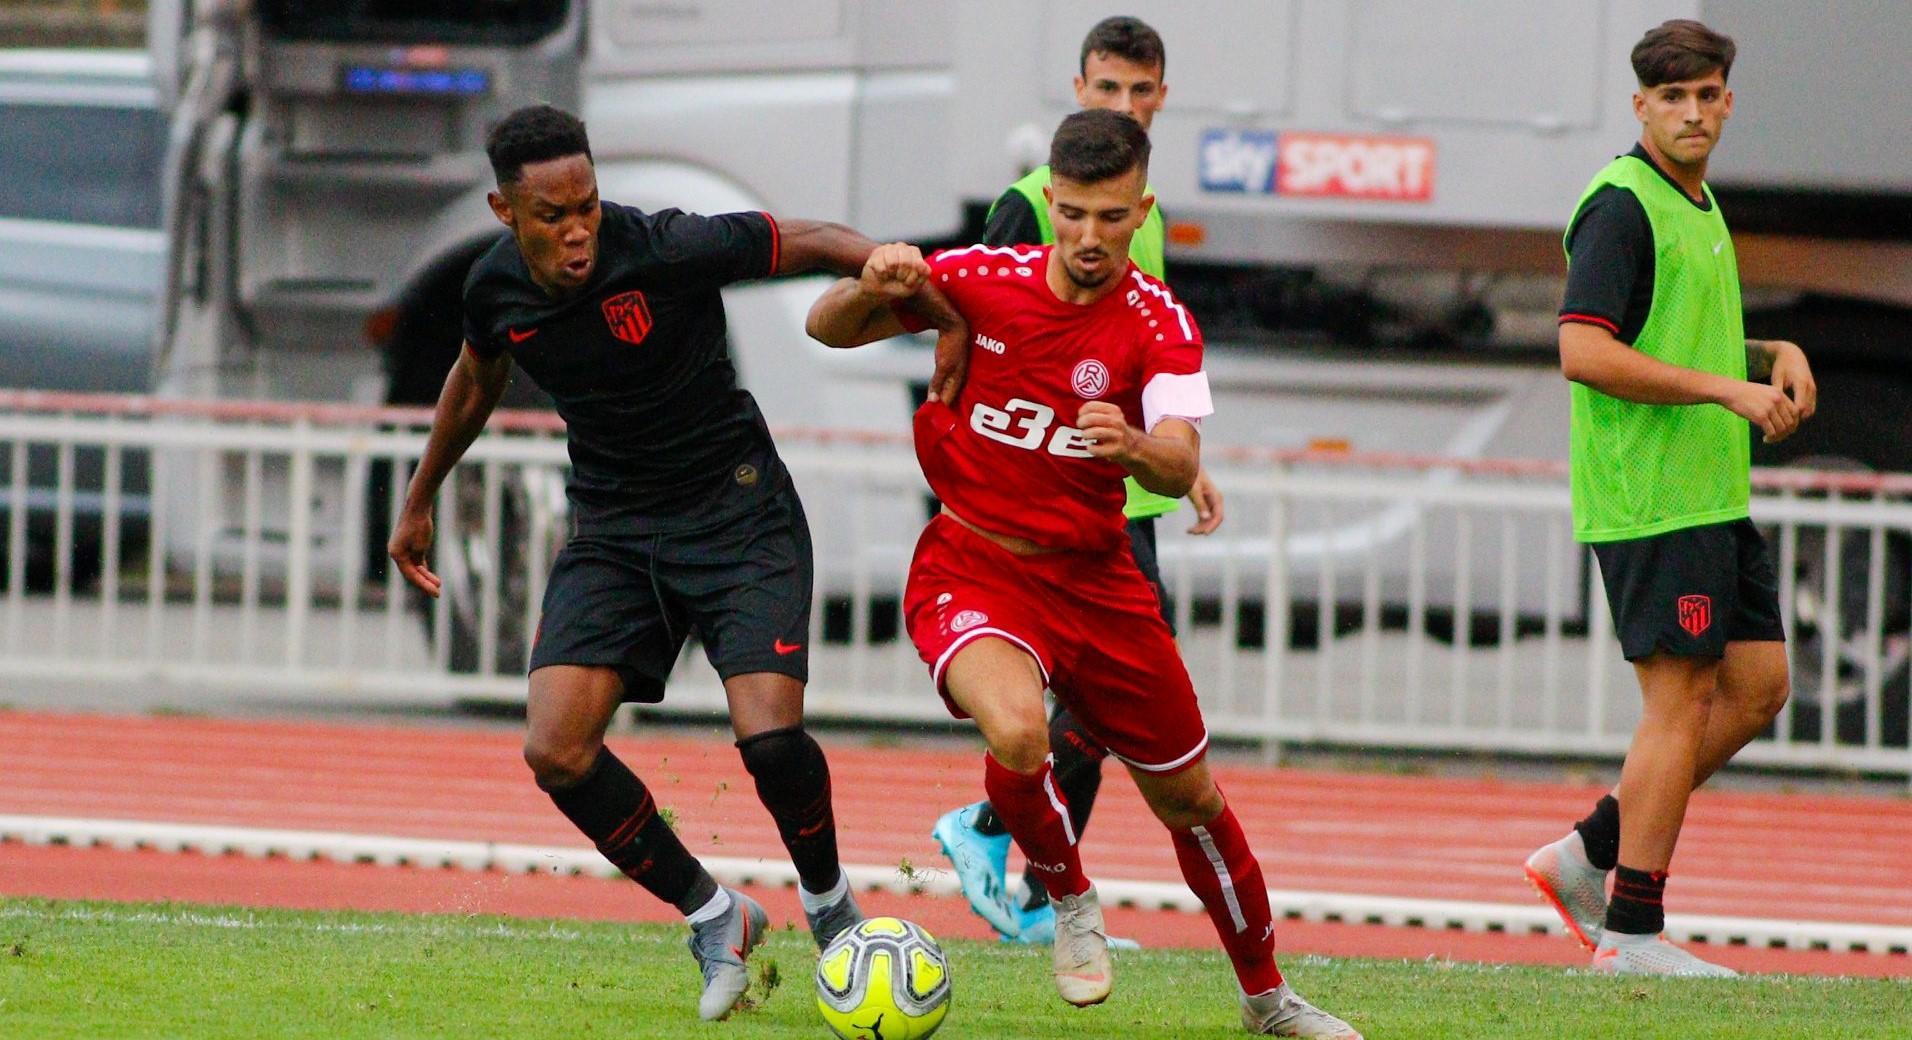 Ioannis Orkas ist für den anstehenden Lehrgang der U19-Nationalmannschaft nominiert. (Foto: Breilmannswiese)